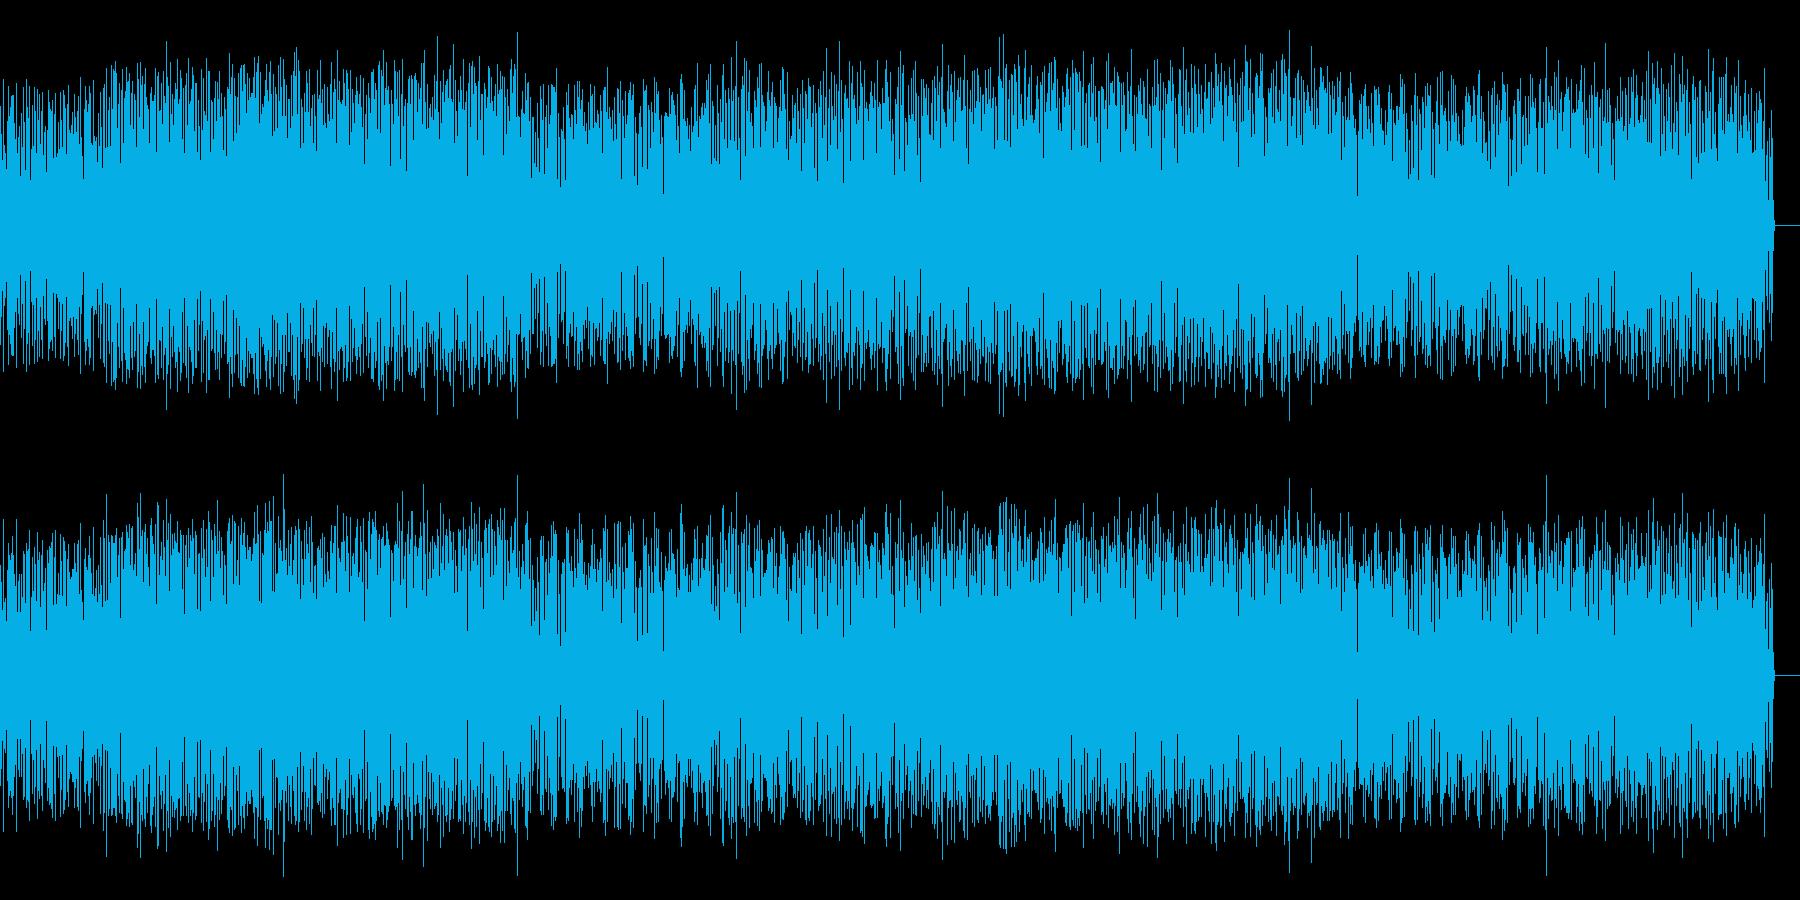 幻想的で電脳的なテクノの再生済みの波形